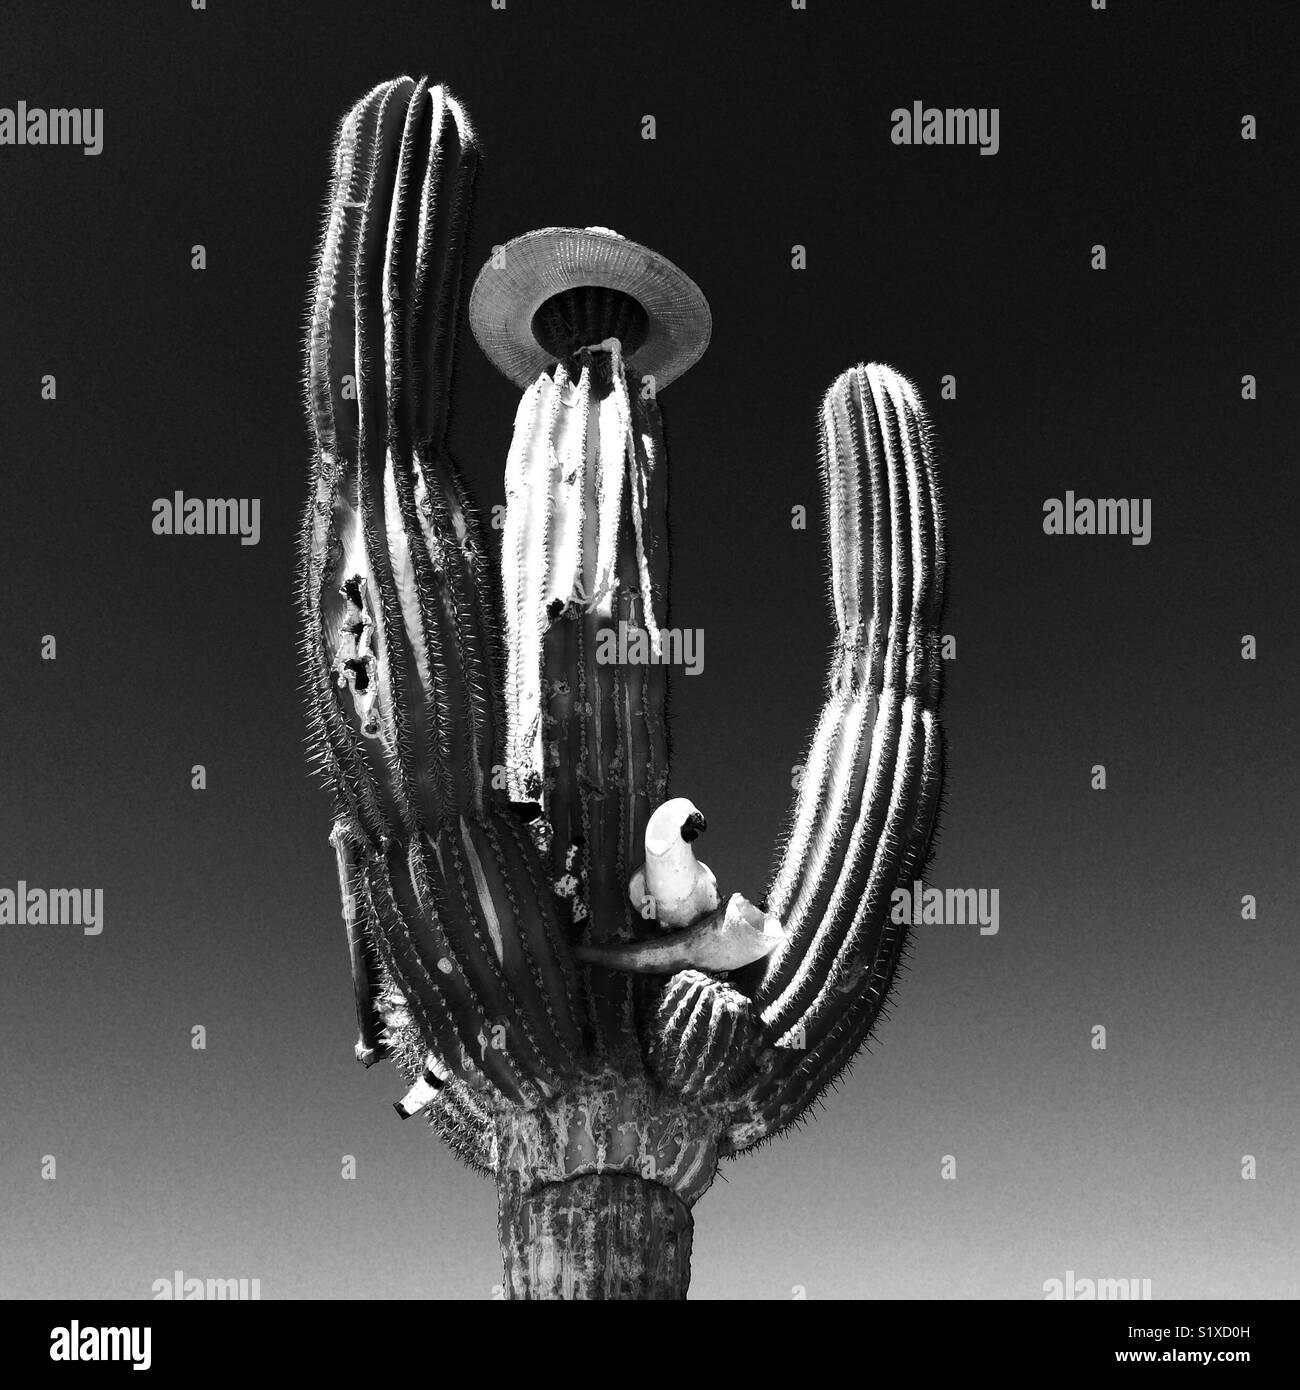 Cactus avec additions aléatoires au Mexique Photo Stock